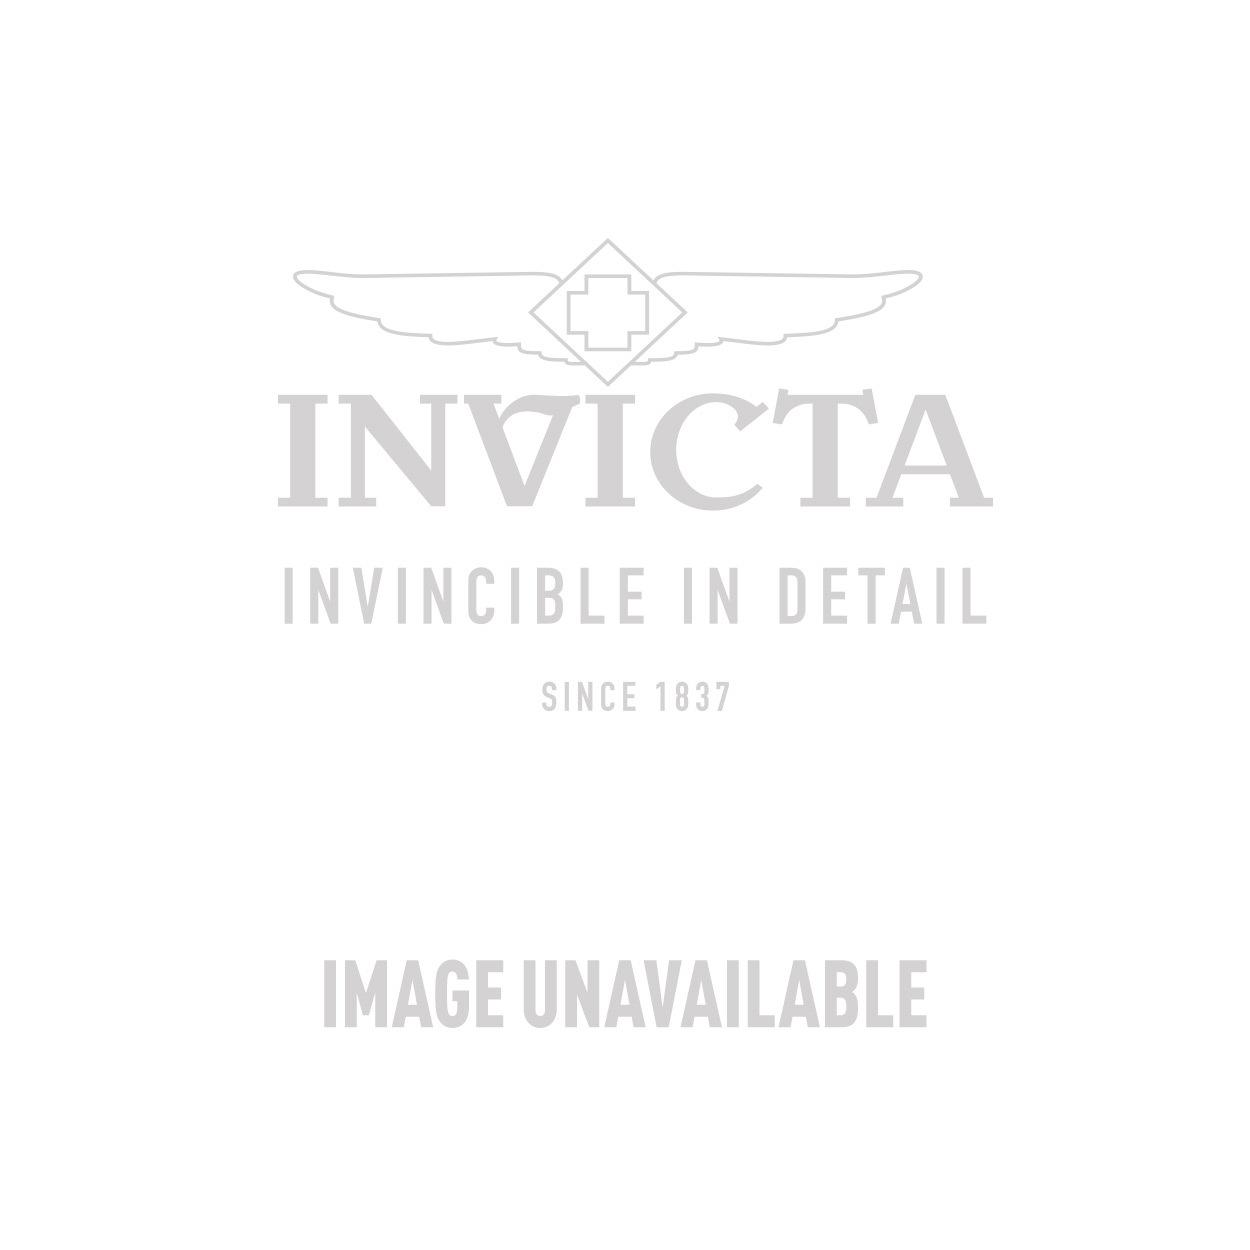 Invicta Model 24390